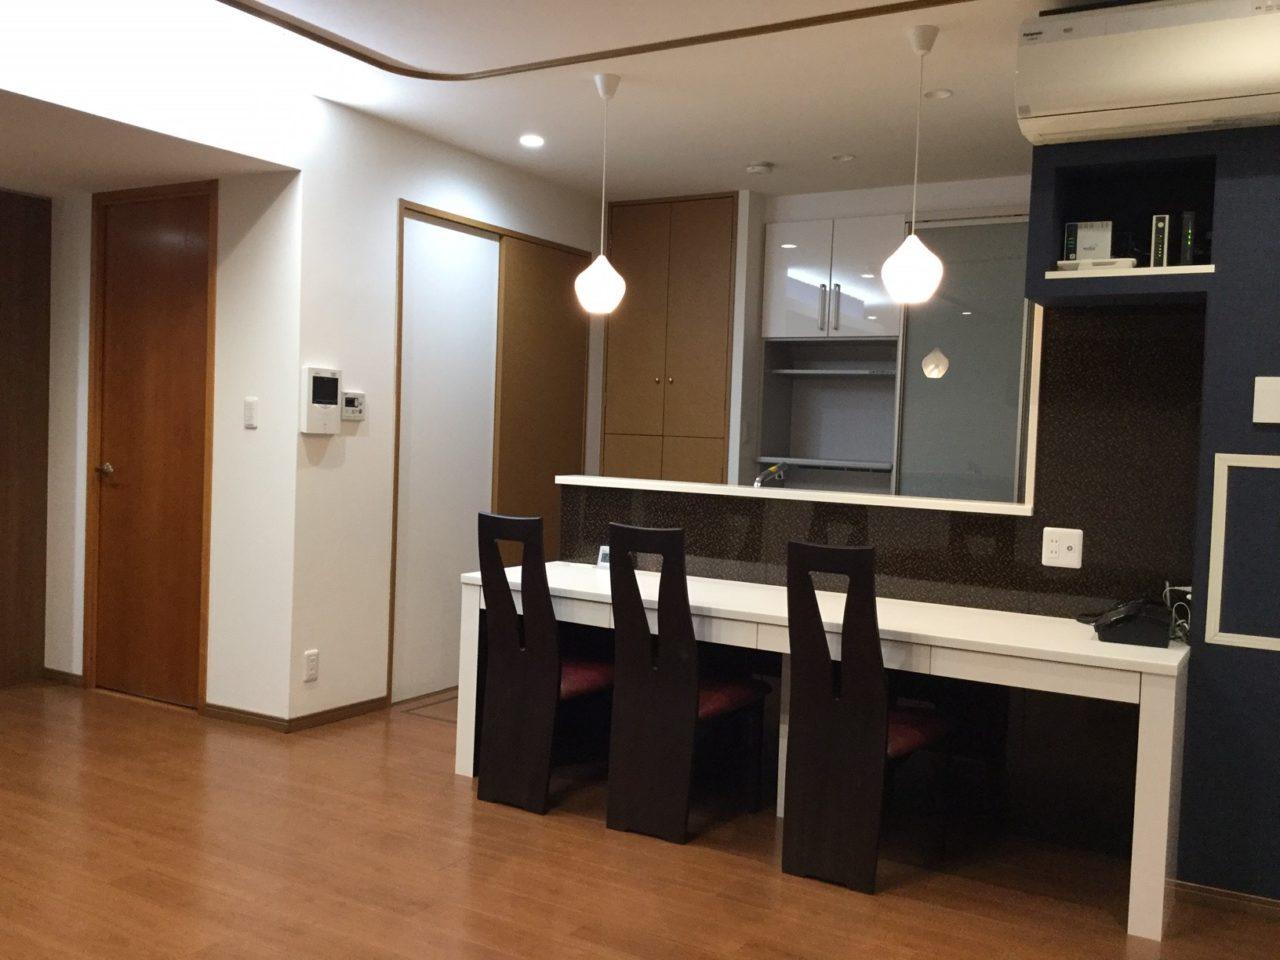 キッチンテーブル:家具工事 / 床材:大建工業アクセルアート